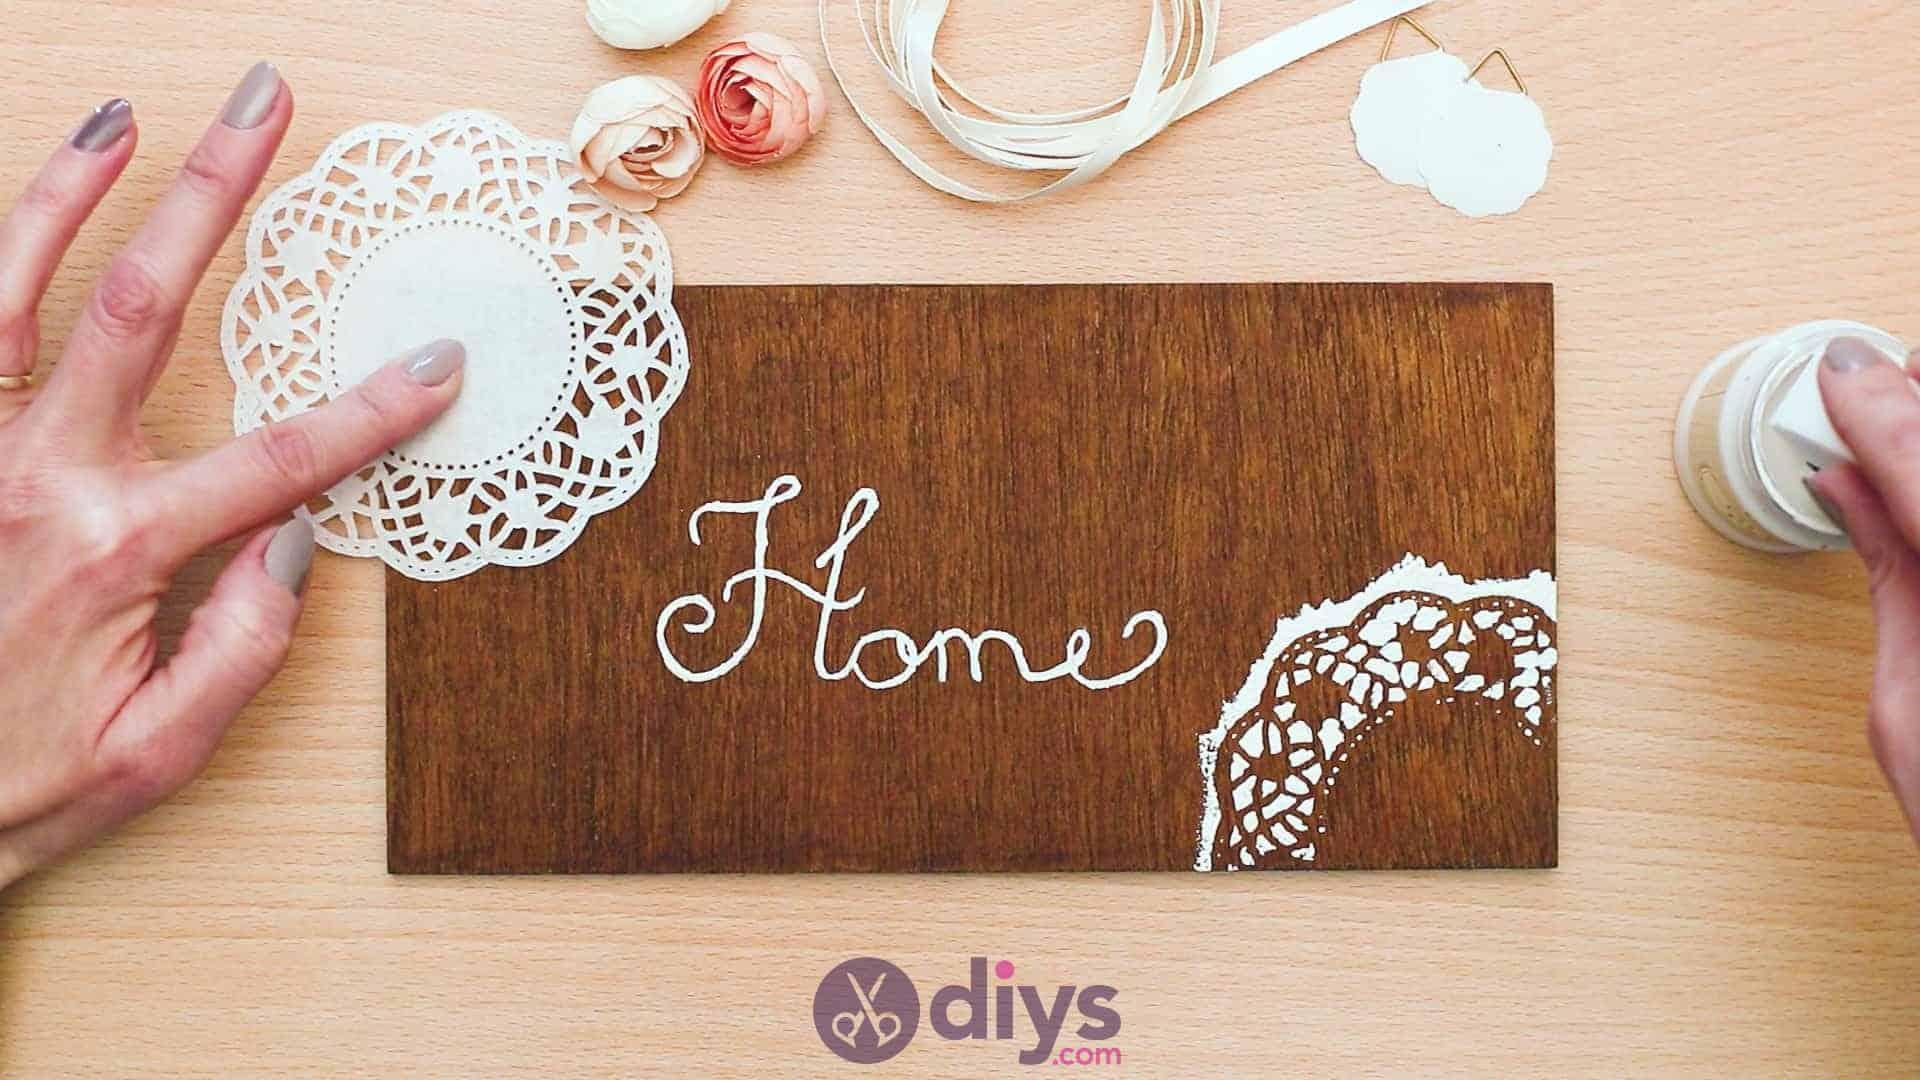 Diy wooden door sign step 5